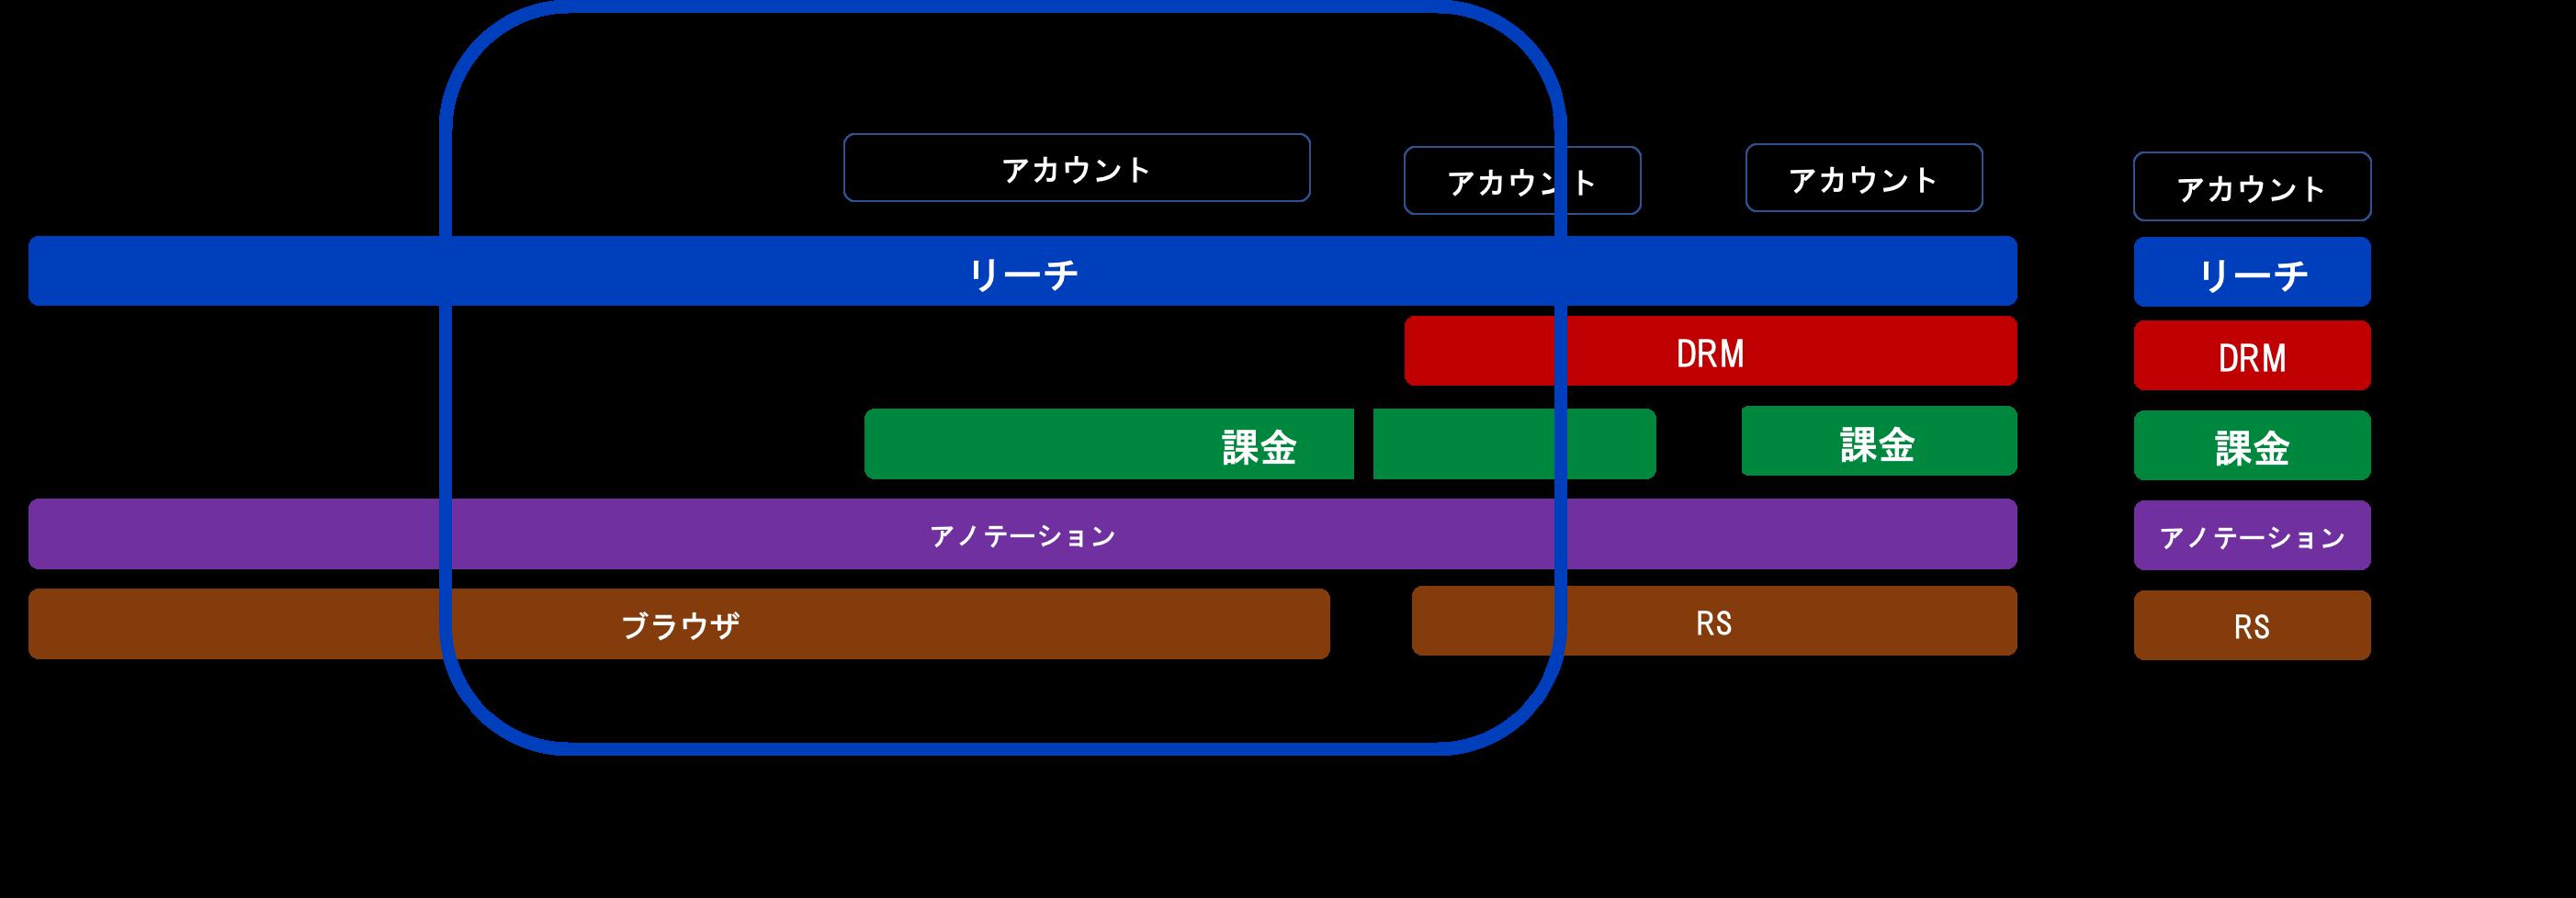 左端にWeb、右端に電子書籍、中央にWPがある横軸の図で、アカウント、リーチ(検索)、DRM、課金、アノテーション、リーディングシステムの各レイヤーが並んでいる図。webはリーチ、アノテーション、ブラウザのレイヤーを有している(アカウント、DRM、課金レイヤーはない)。最も右端の電子書籍部分はプラットフォーマーが全てのレイヤーを独自に囲い込んでいるが、中央に近づくと、一部のレイヤー(リーチ、アノテーション、DRM、リーディングシステム)を他の電子書籍プラットフォーマーと共有したり、WPともレイヤー(リーチ、アノテーションなど)を共有している。中間にあるWPはWebよりな位置ではWebと同じレイヤー構造で、電子書籍よりの位置では、アノテーションや課金は電子書籍とレイヤーを共有している。